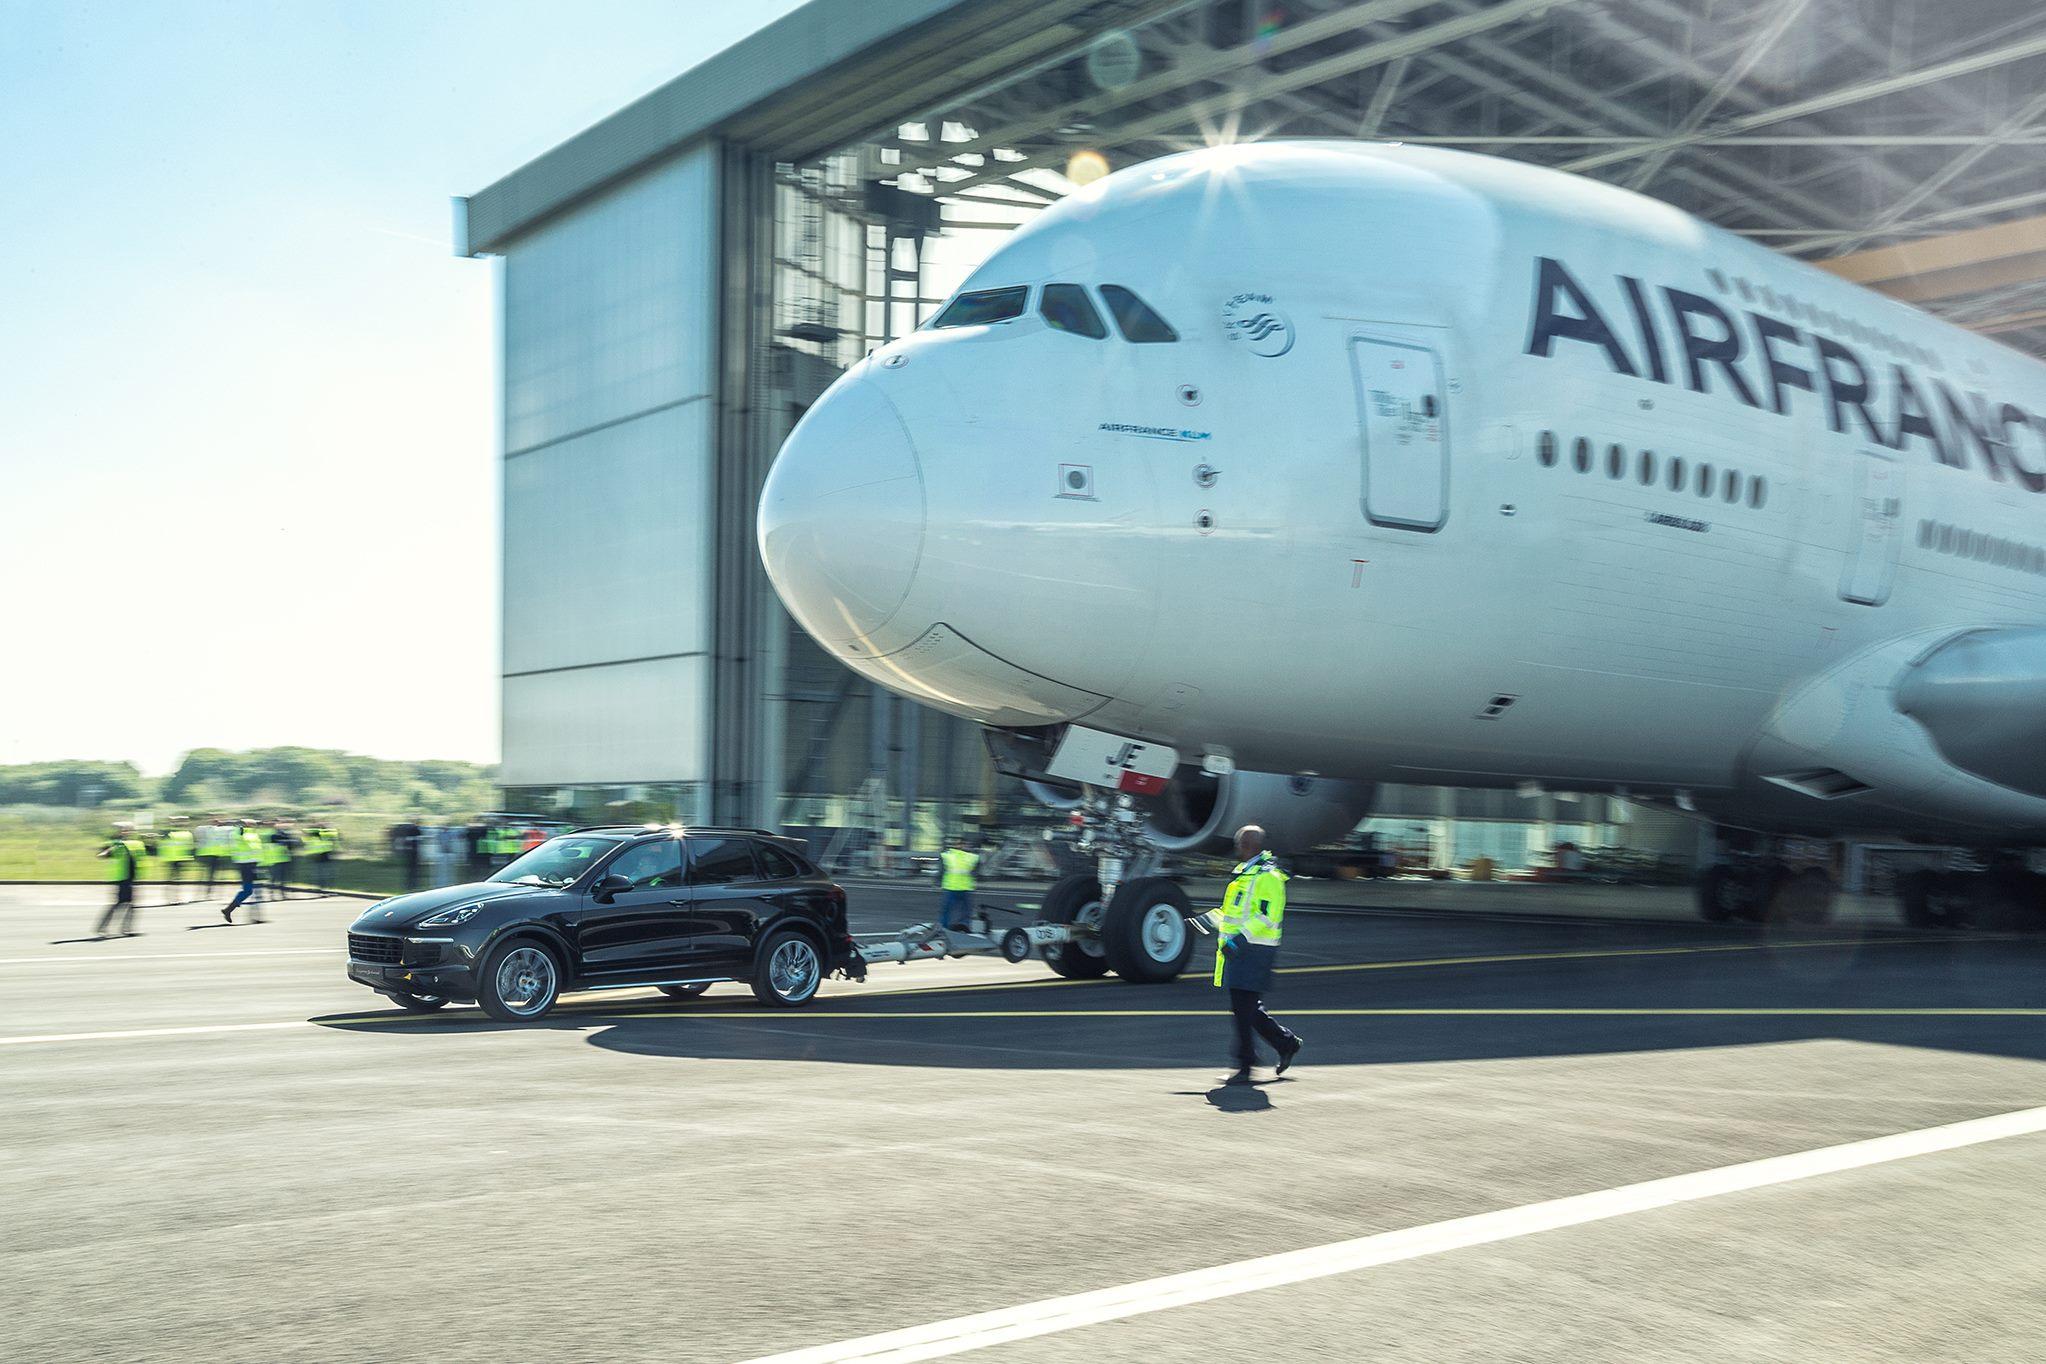 Porsche Cayenne Airbus A380 (2)